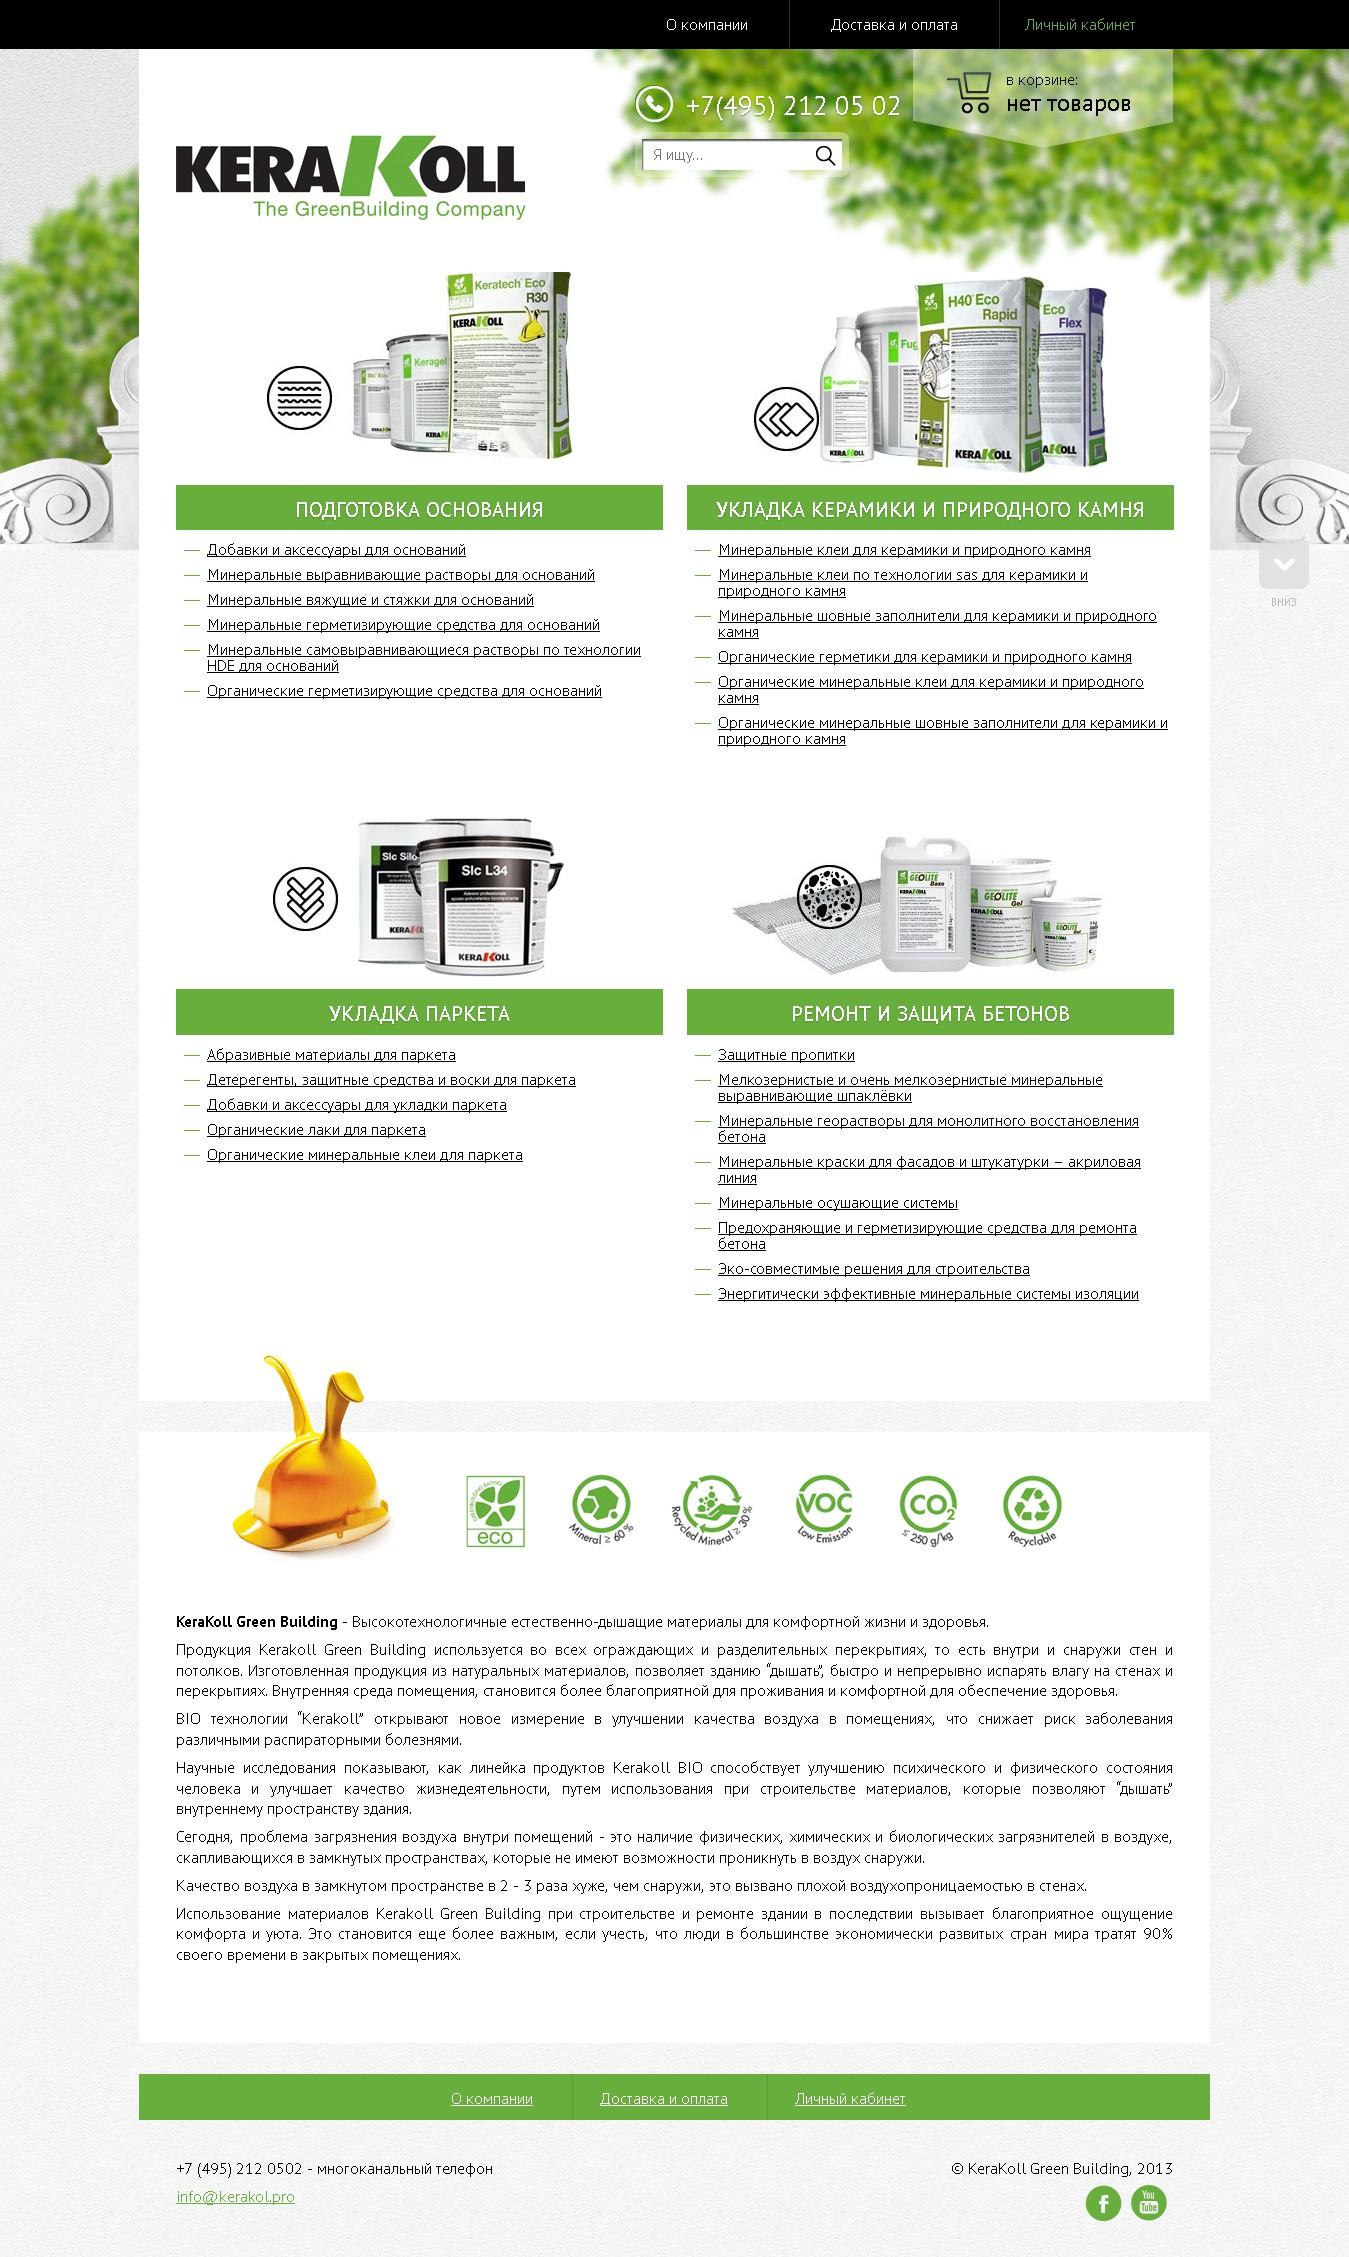 Интернет-магазин по продаже стройматериалов